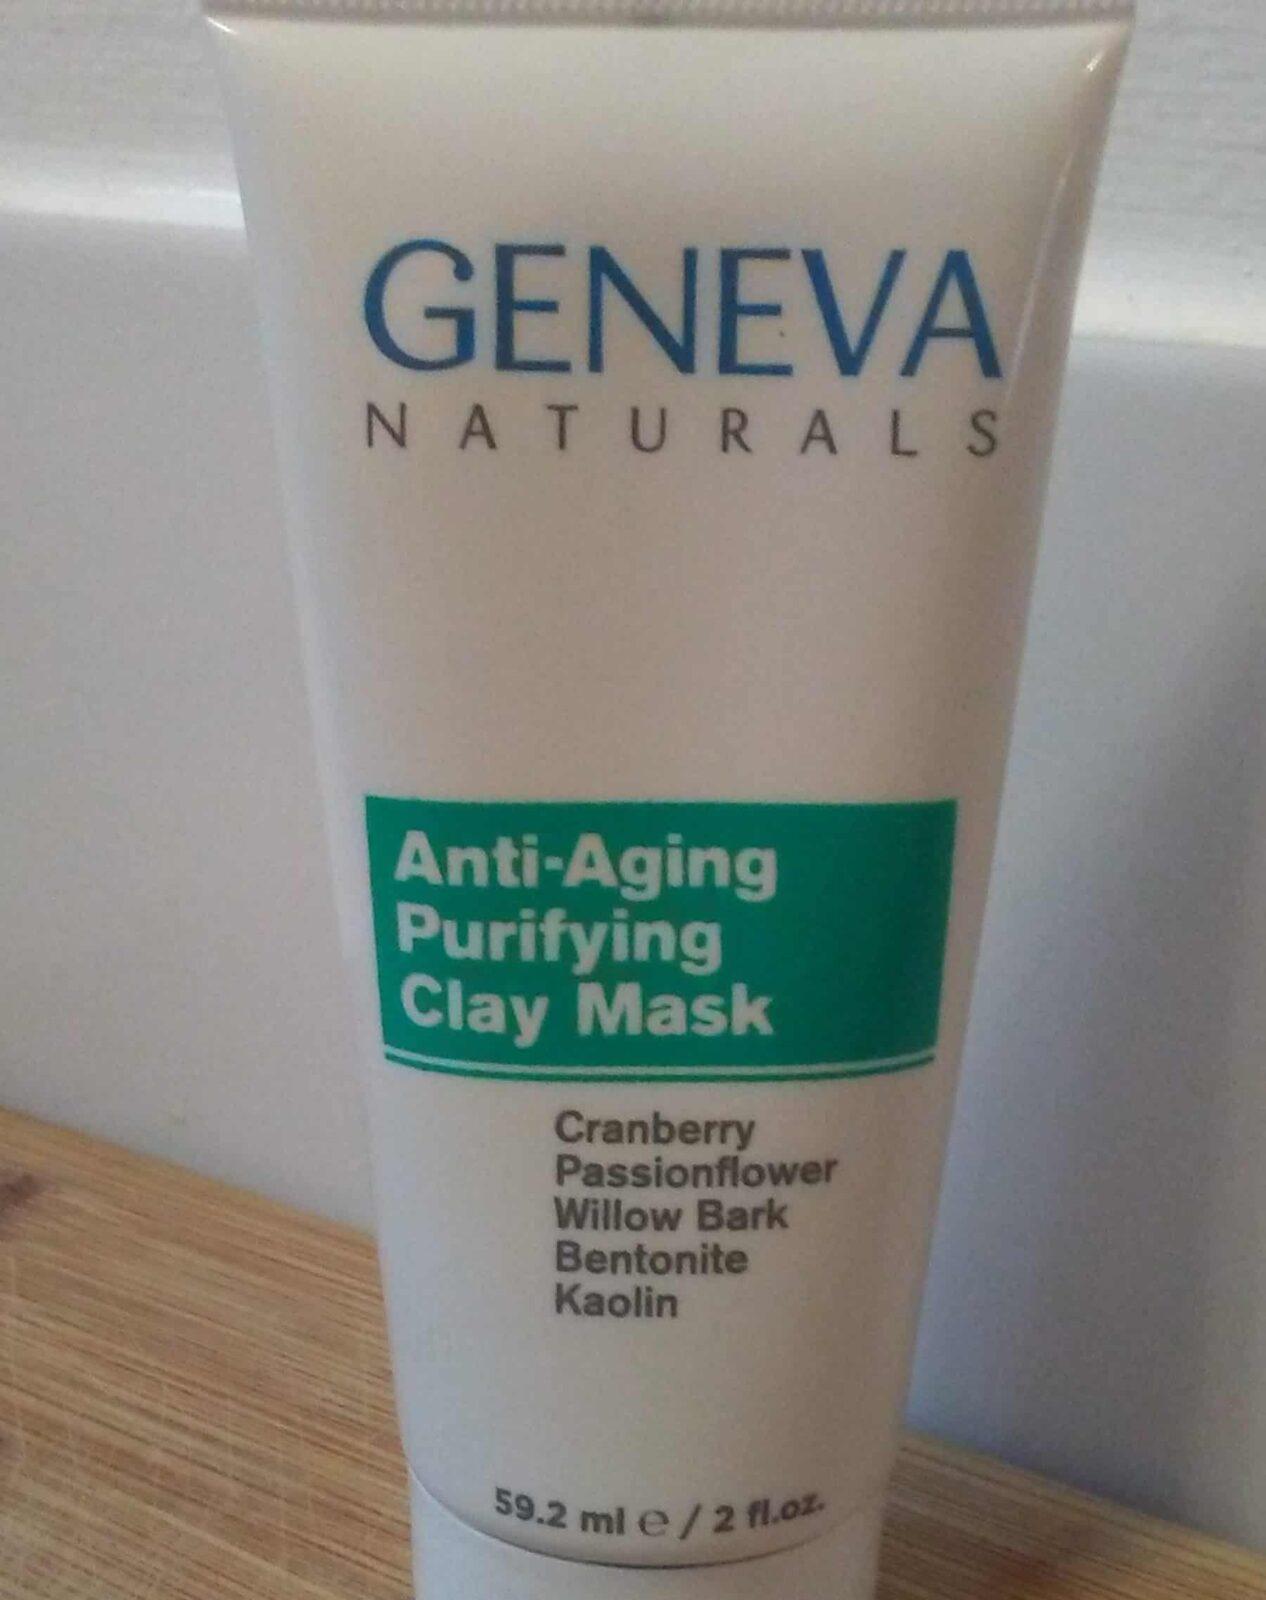 Geneva Naturals Review